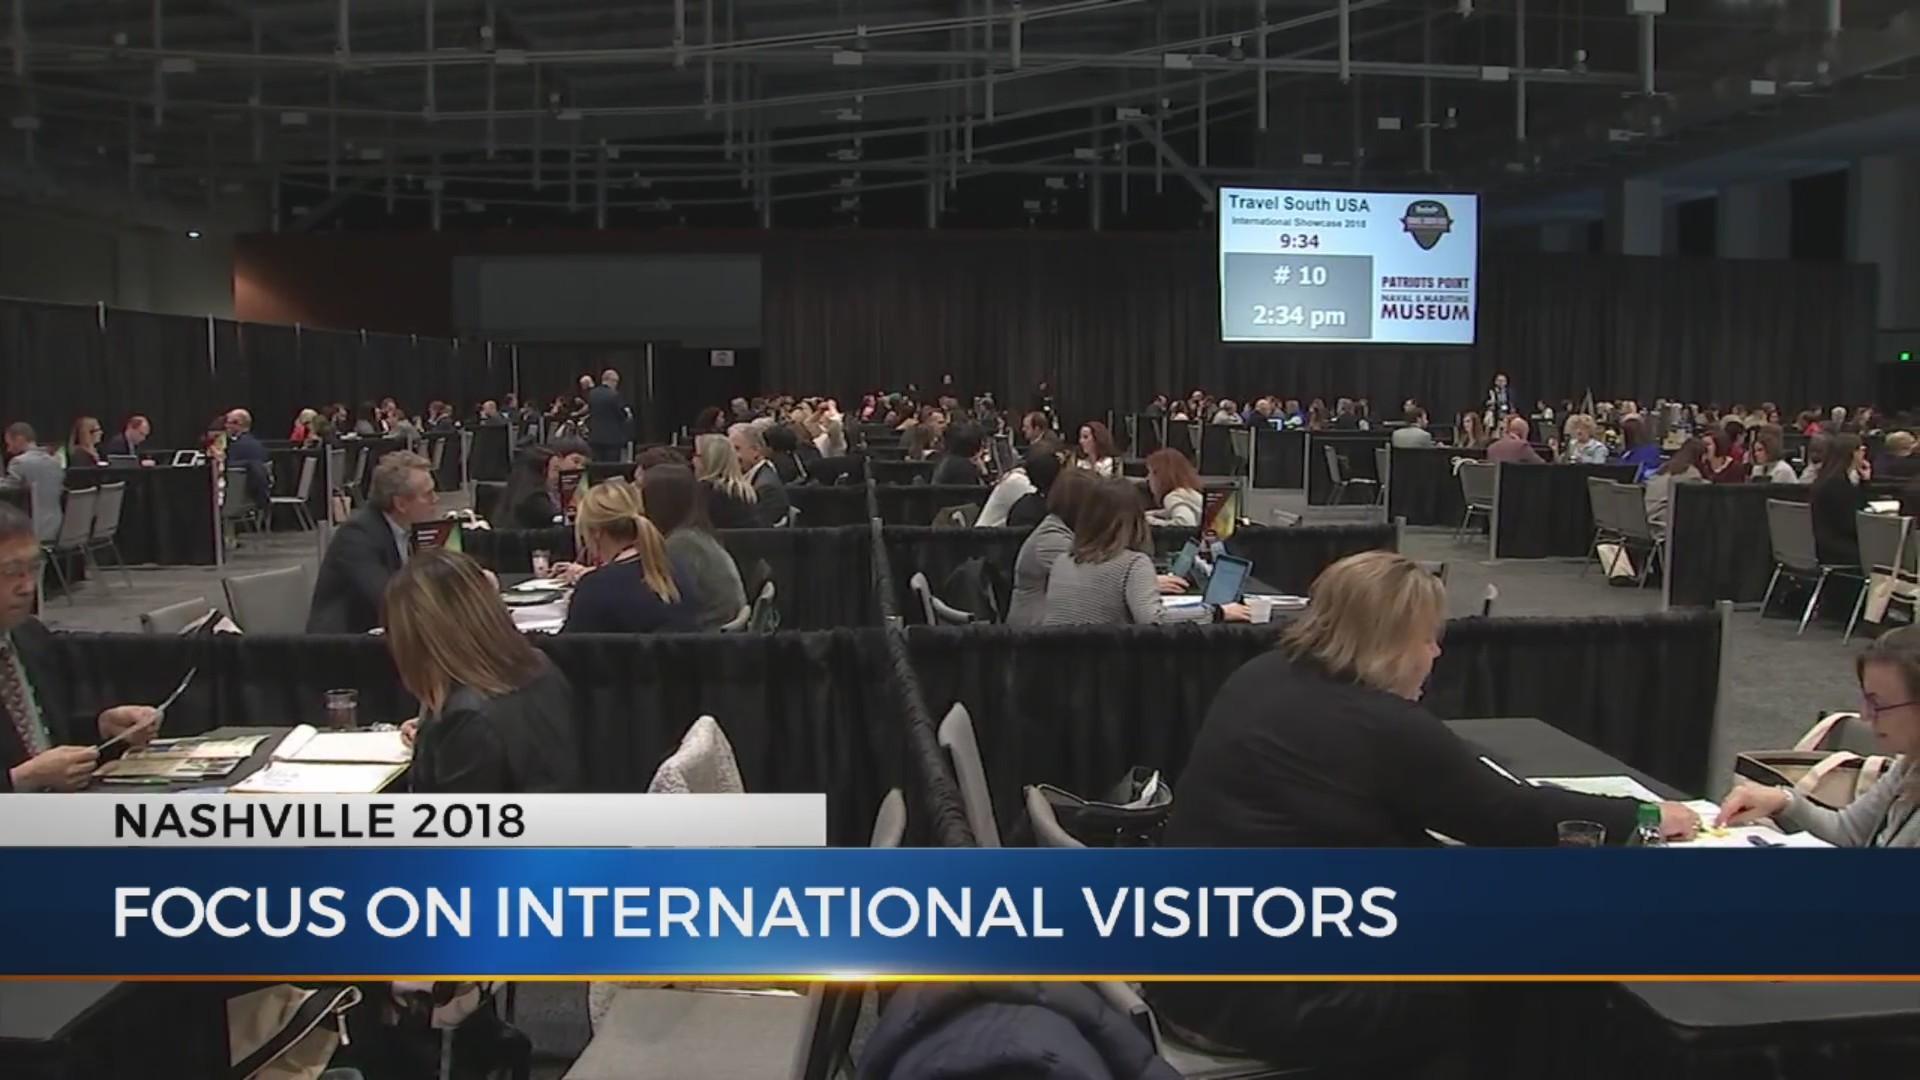 Nashville_lures_international_visitors_0_20181128042412